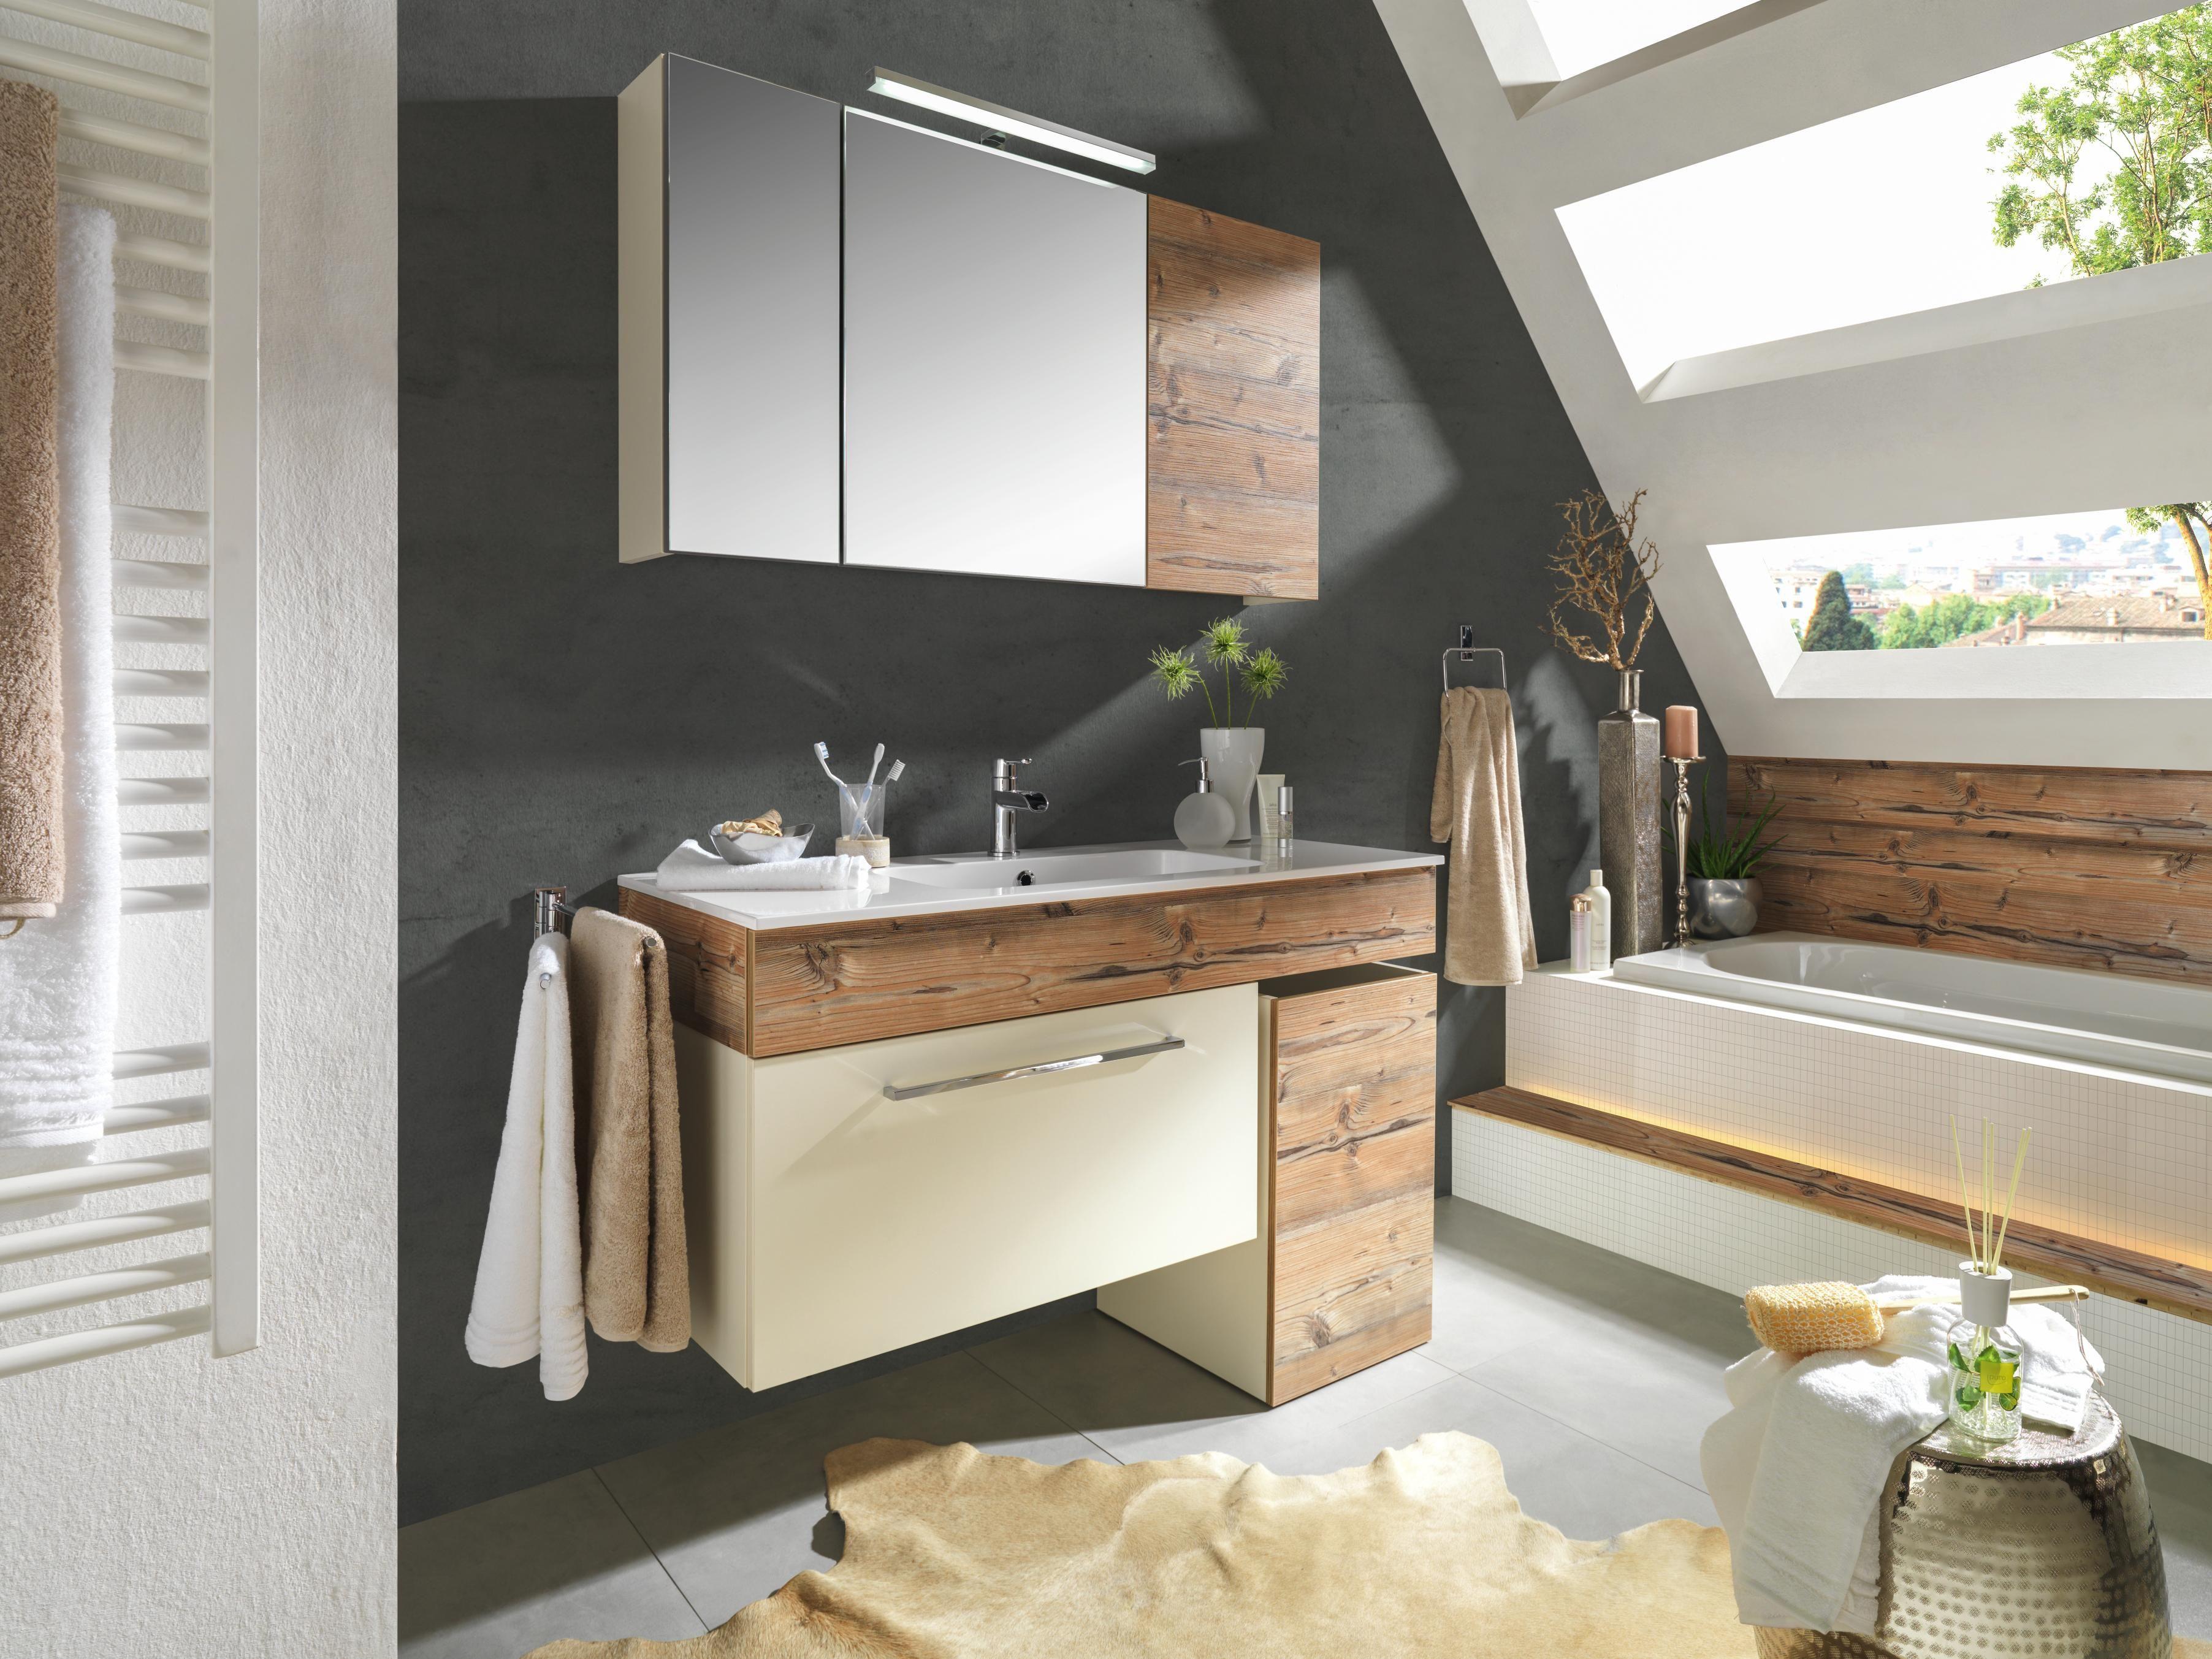 Naturgetreues Badezimmer mit Spiegelschrank und